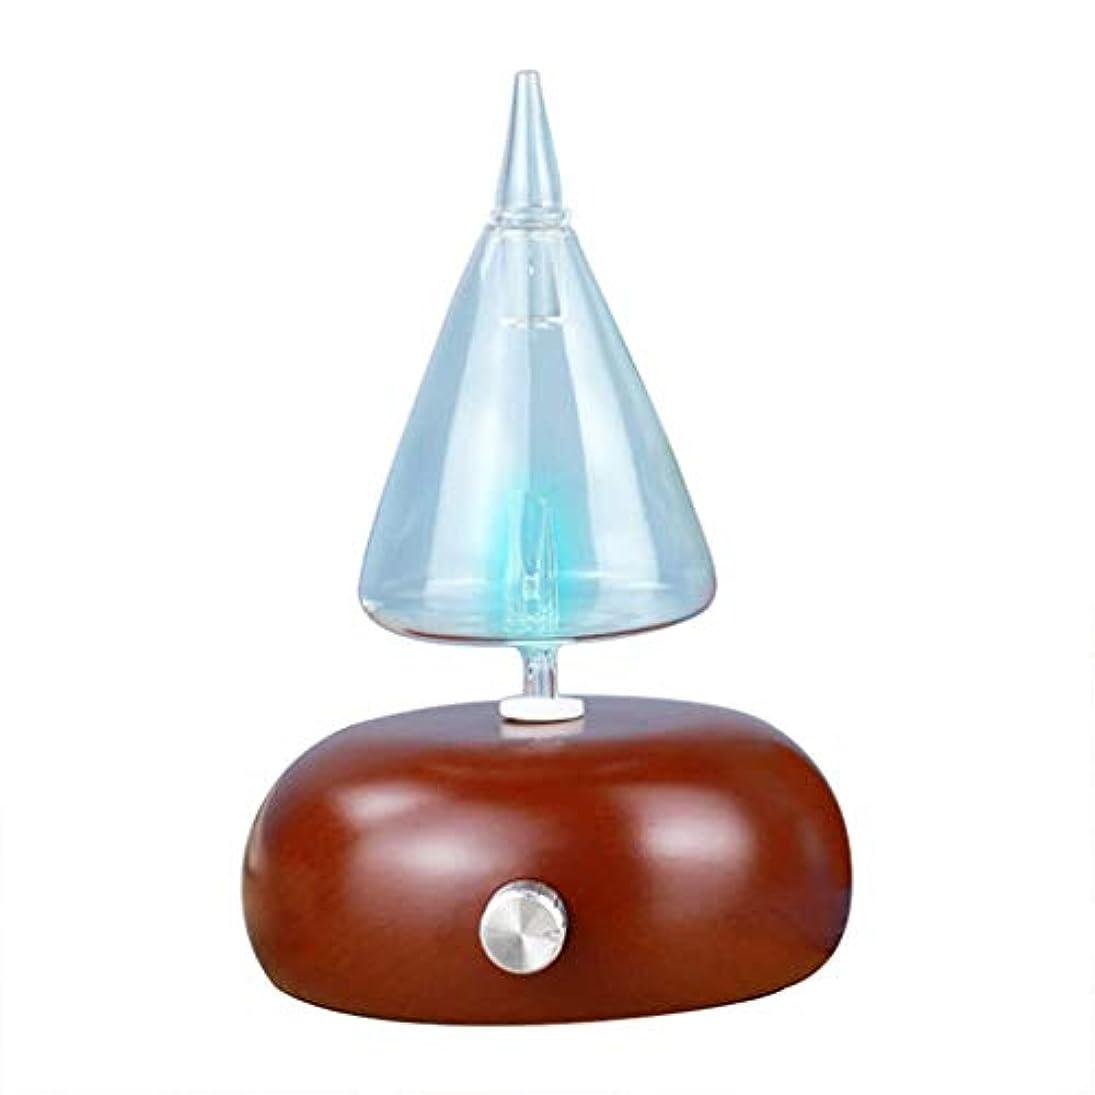 スタイル論文要求アロマテラピーマシン、ガラスエッセンシャルオイルディフューザー、超音波加湿器、ウッドグレインアロマテラピーディフューザーマシン、LEDライトを変える7色